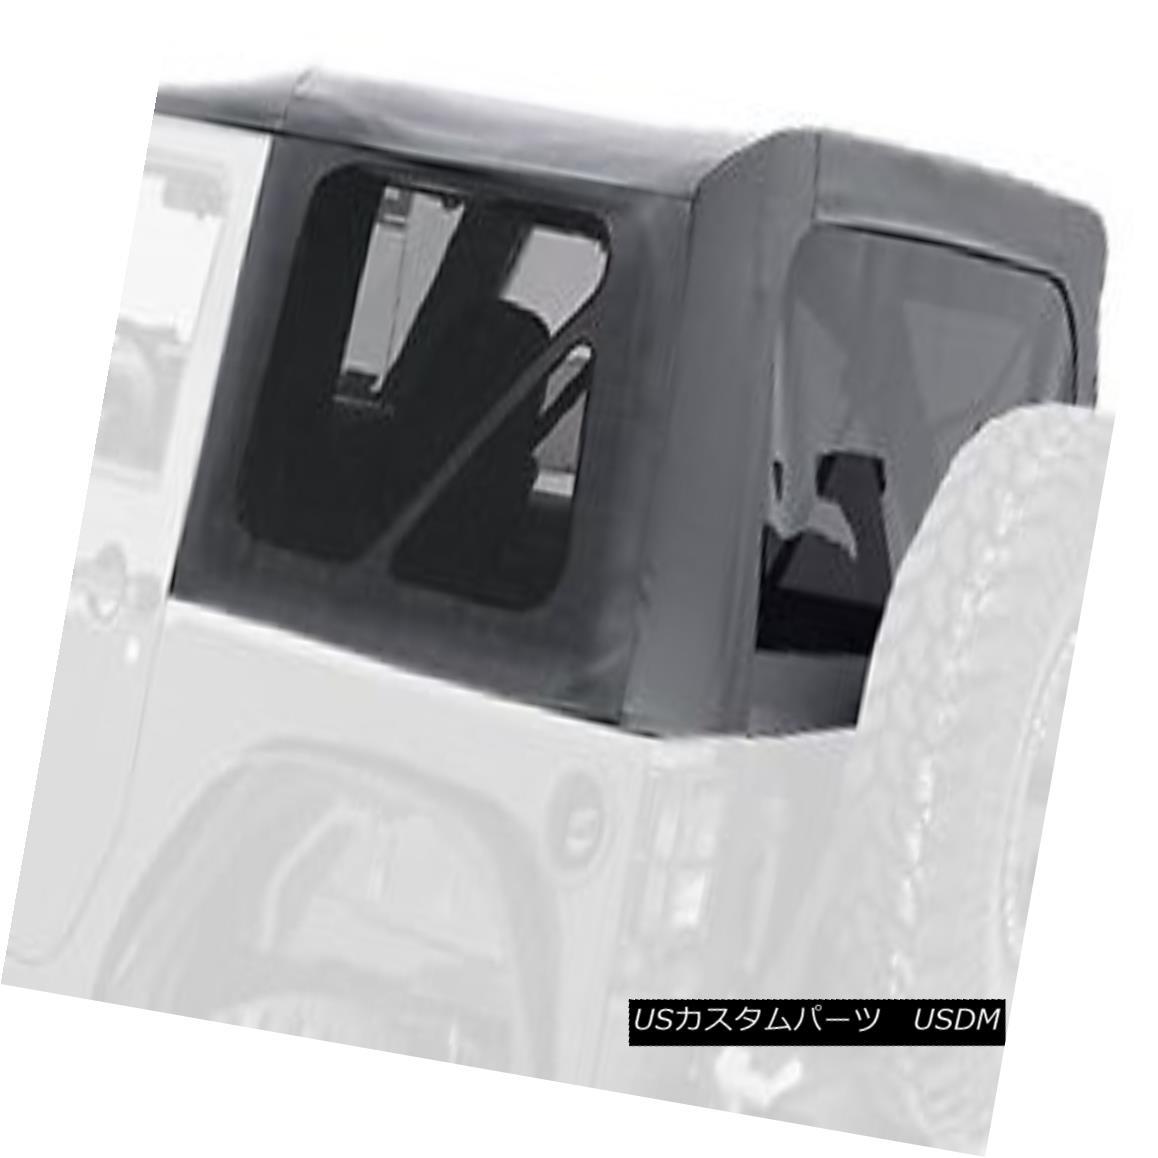 幌・ソフトトップ Jeep 10-16 Wrangler/Rubicon 4dr Replacement Soft Top w/ Tint Smittybilt 9085235 ジープ10-16ラングラー/ Rubic 4dr交換用ソフトトップ/ティントSmittybilt 9085235